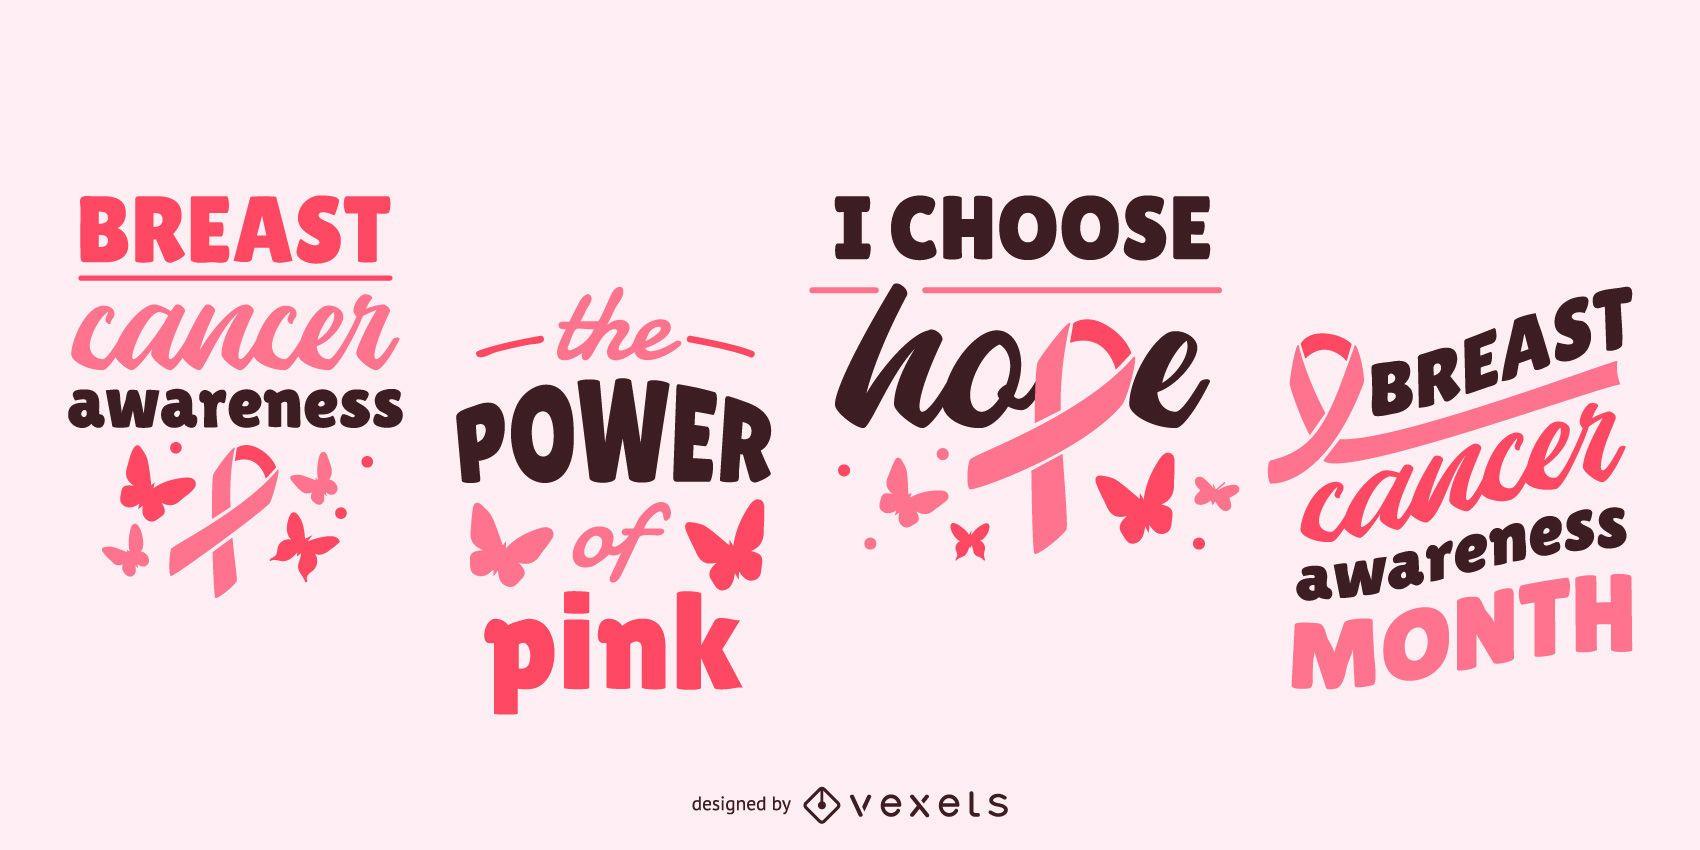 Leyendas de concienciación sobre el cáncer de mama